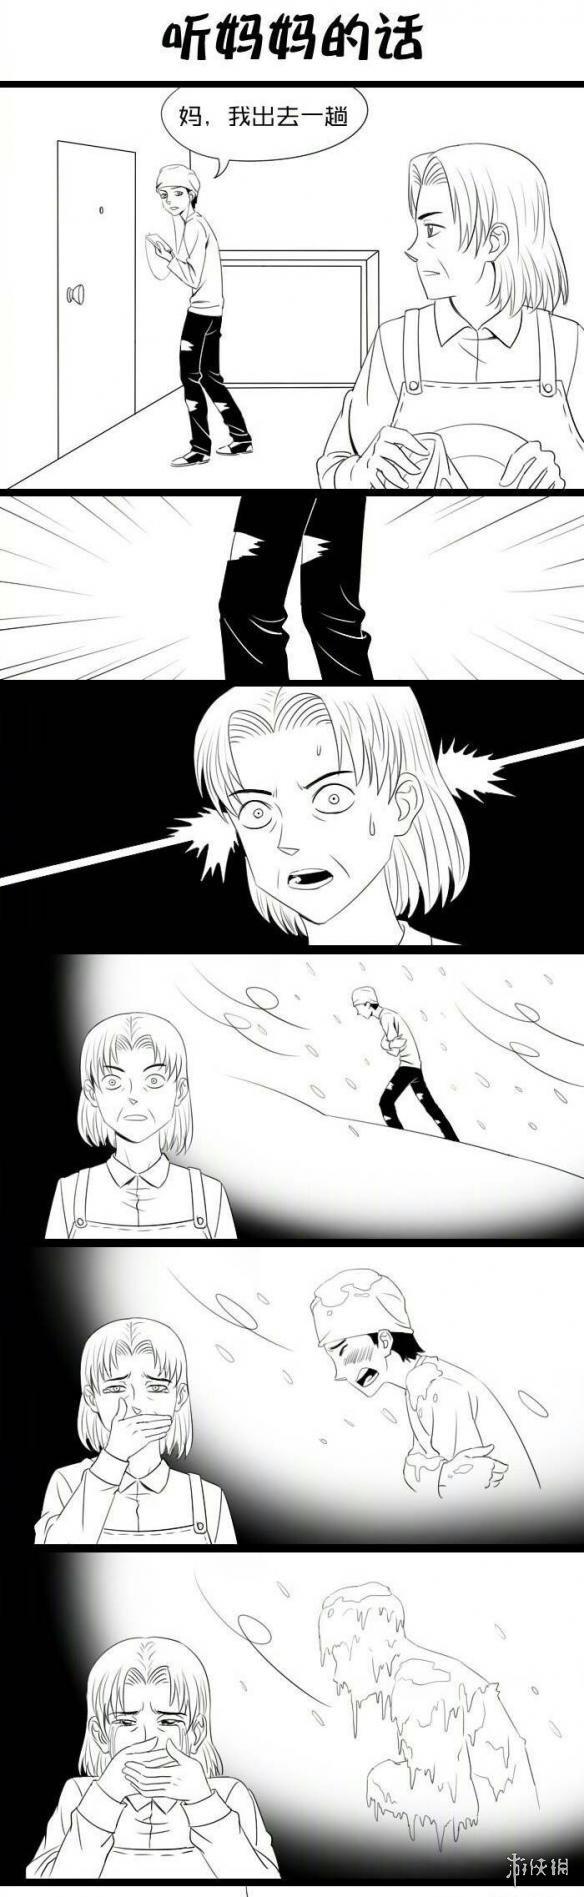 夏天的风吹起妹子的内裤 暴走漫画大合集【1019辑】